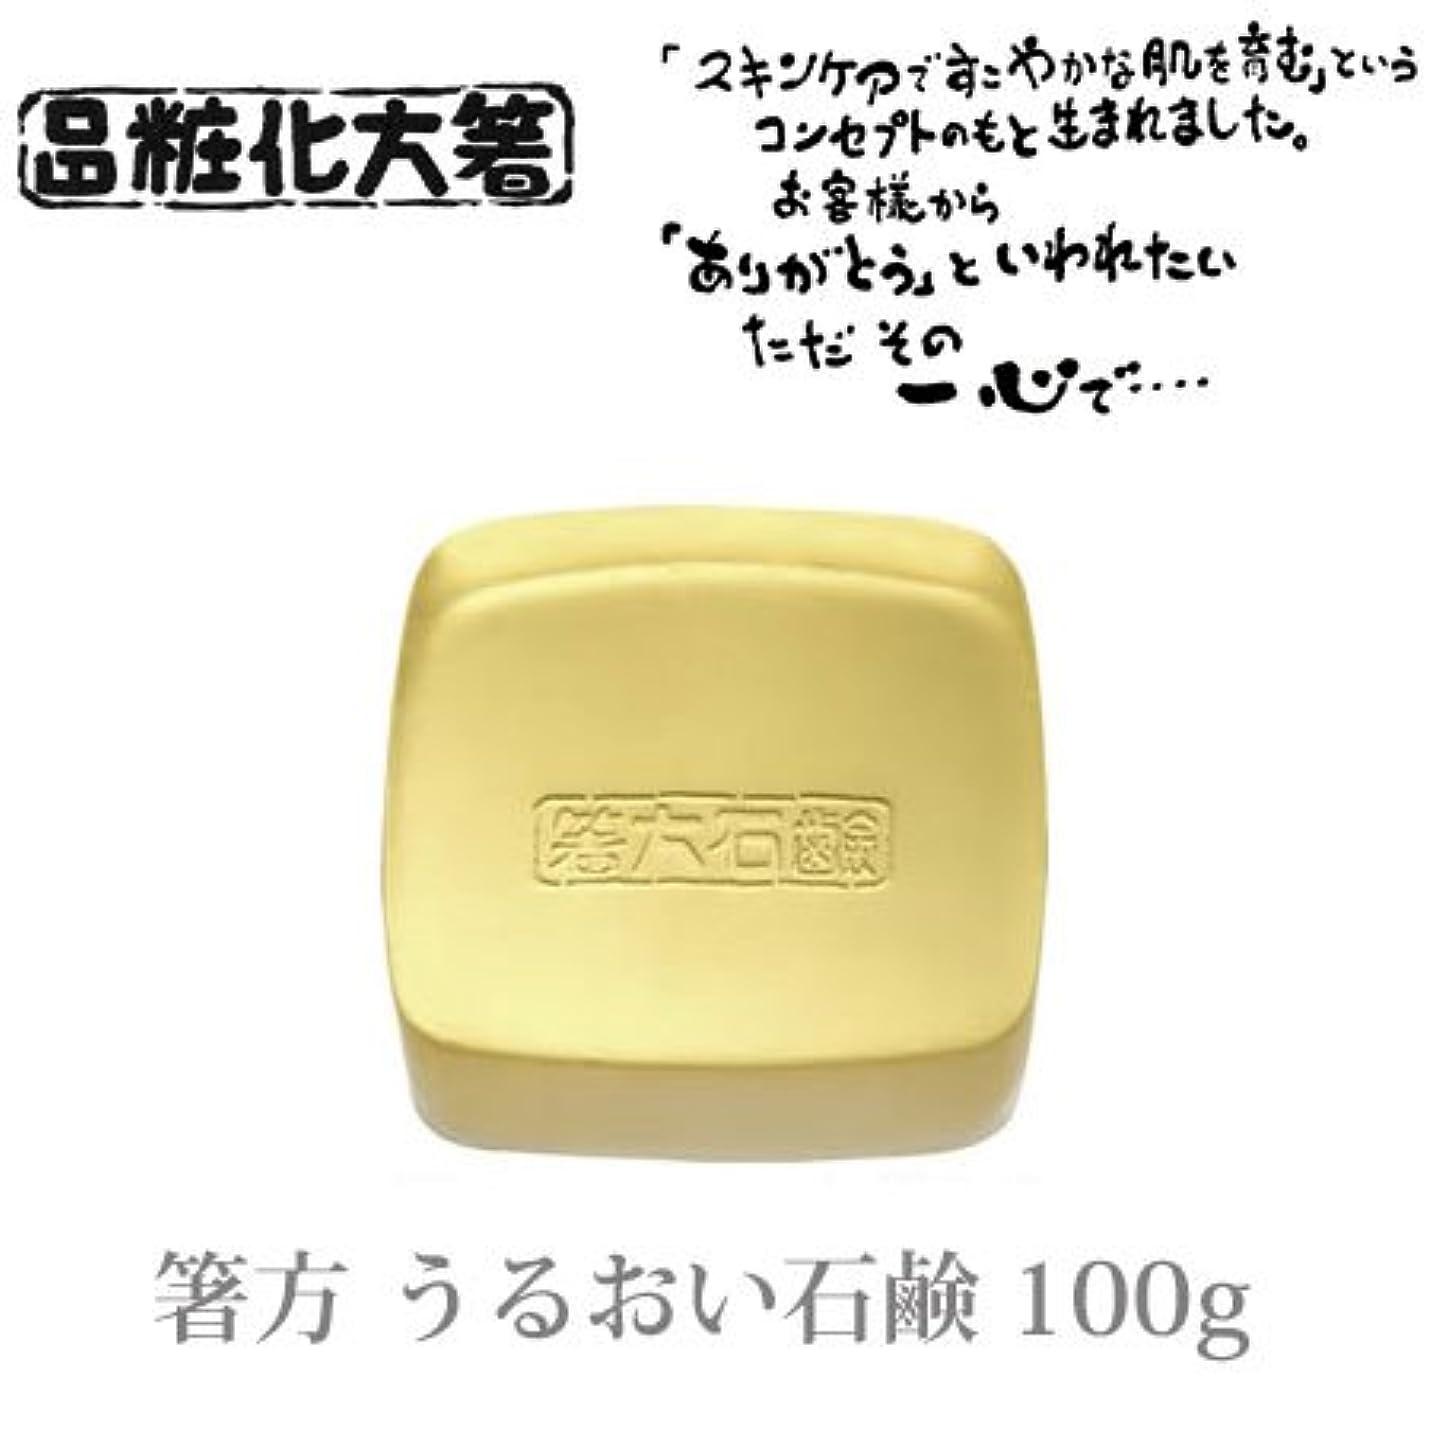 東ティモール珍味きちんとした箸方化粧品 うるおい石鹸 100g はしかた化粧品